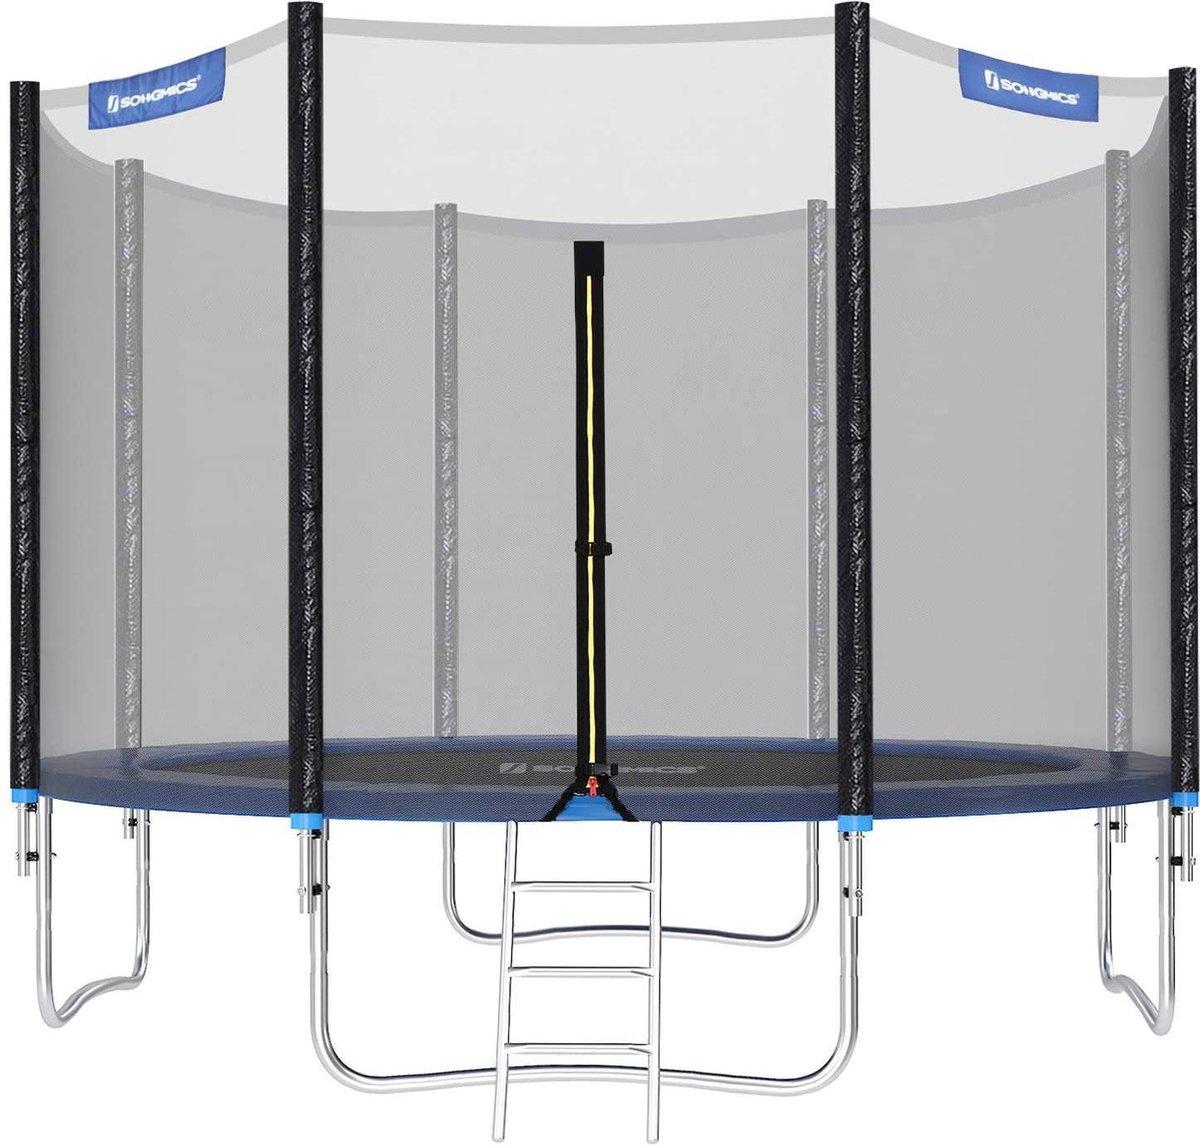 Trampoline met Veiligheidsnet - Ø 305 cm - met Ladder - Buiten - Veilig - Blauw